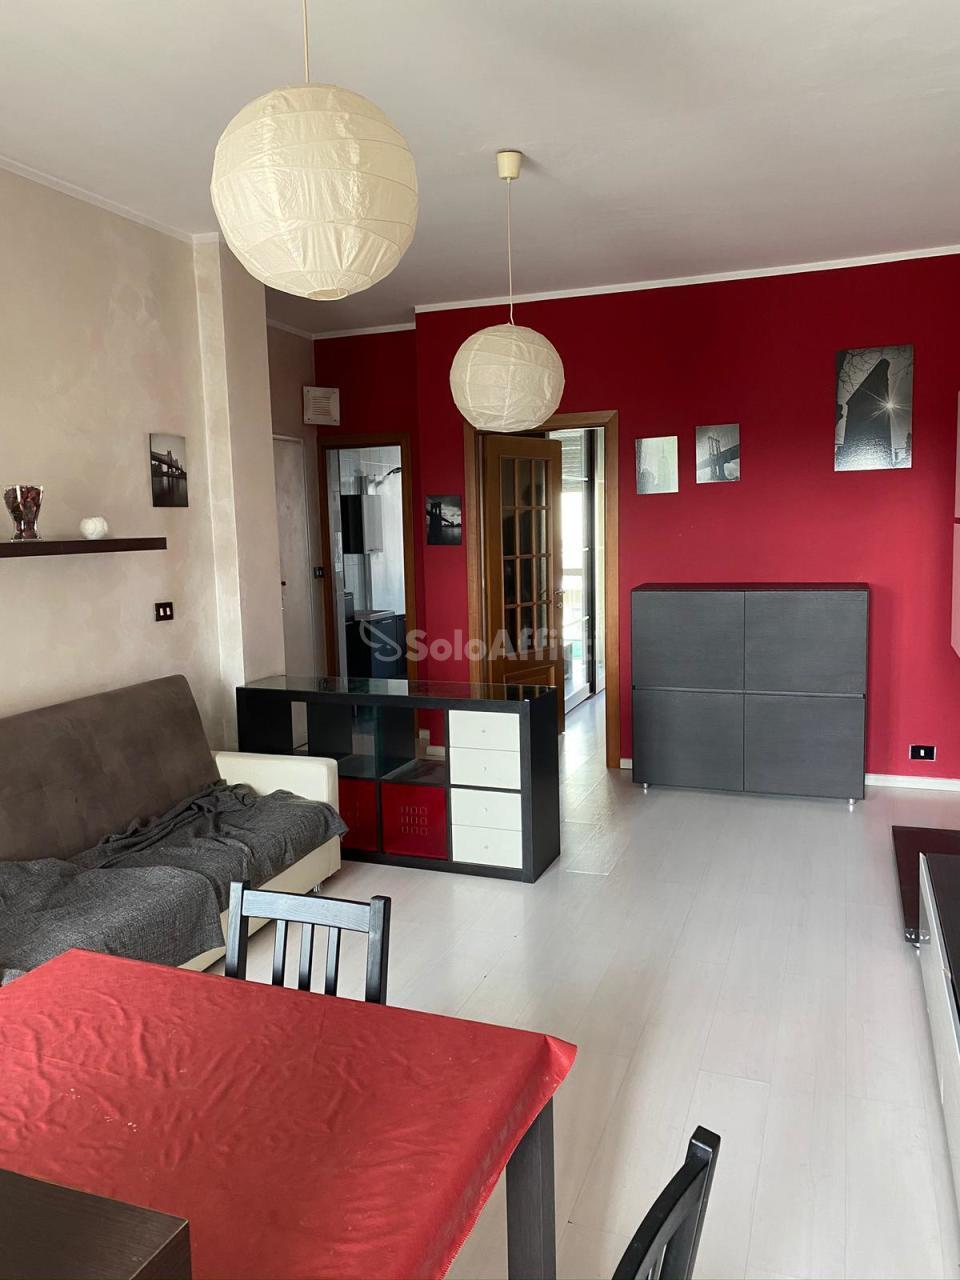 Appartamento in affitto a Vinovo, 2 locali, prezzo € 500 | PortaleAgenzieImmobiliari.it